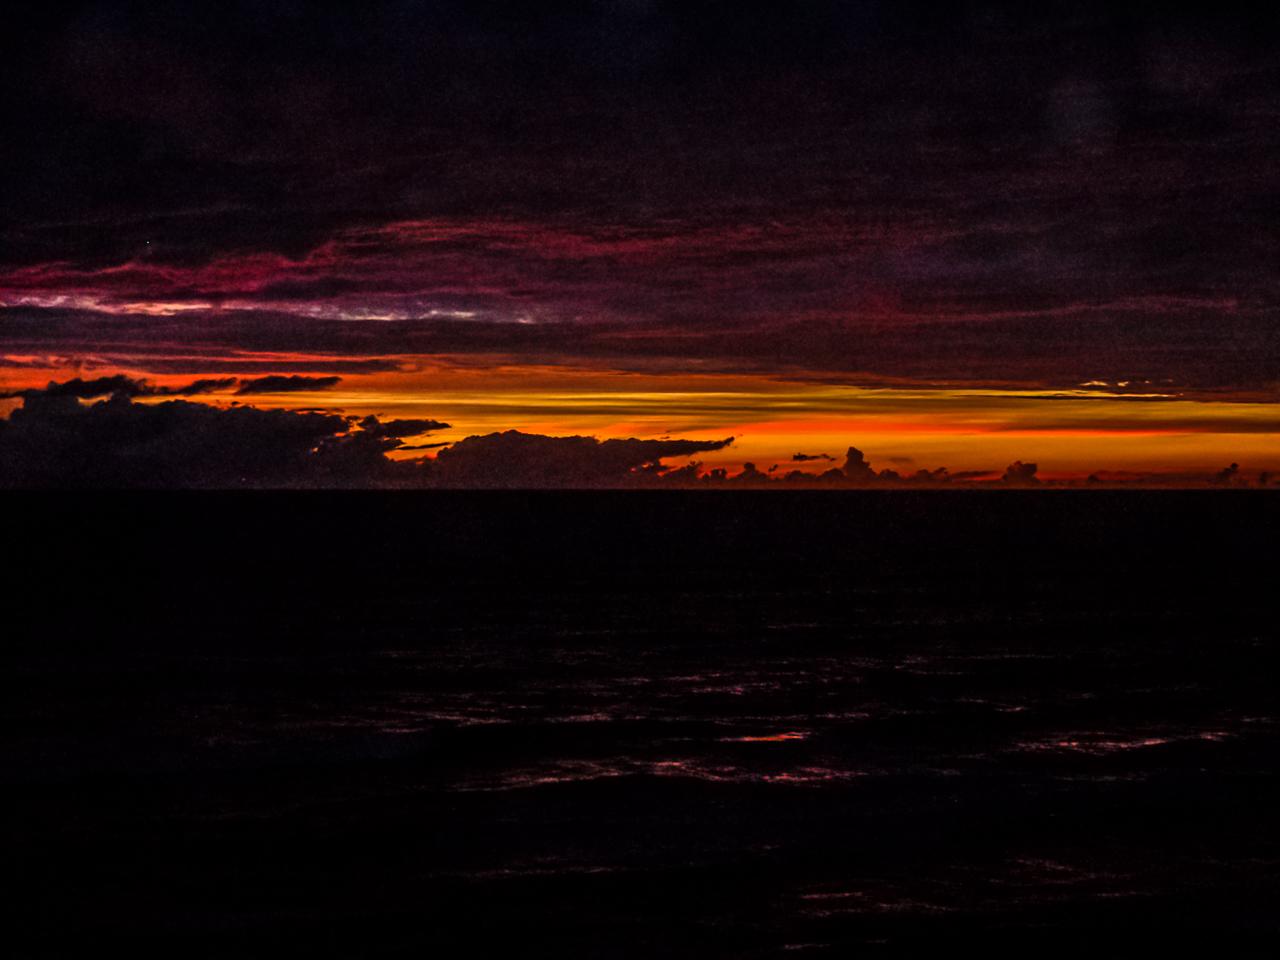 #sunrise-9151209